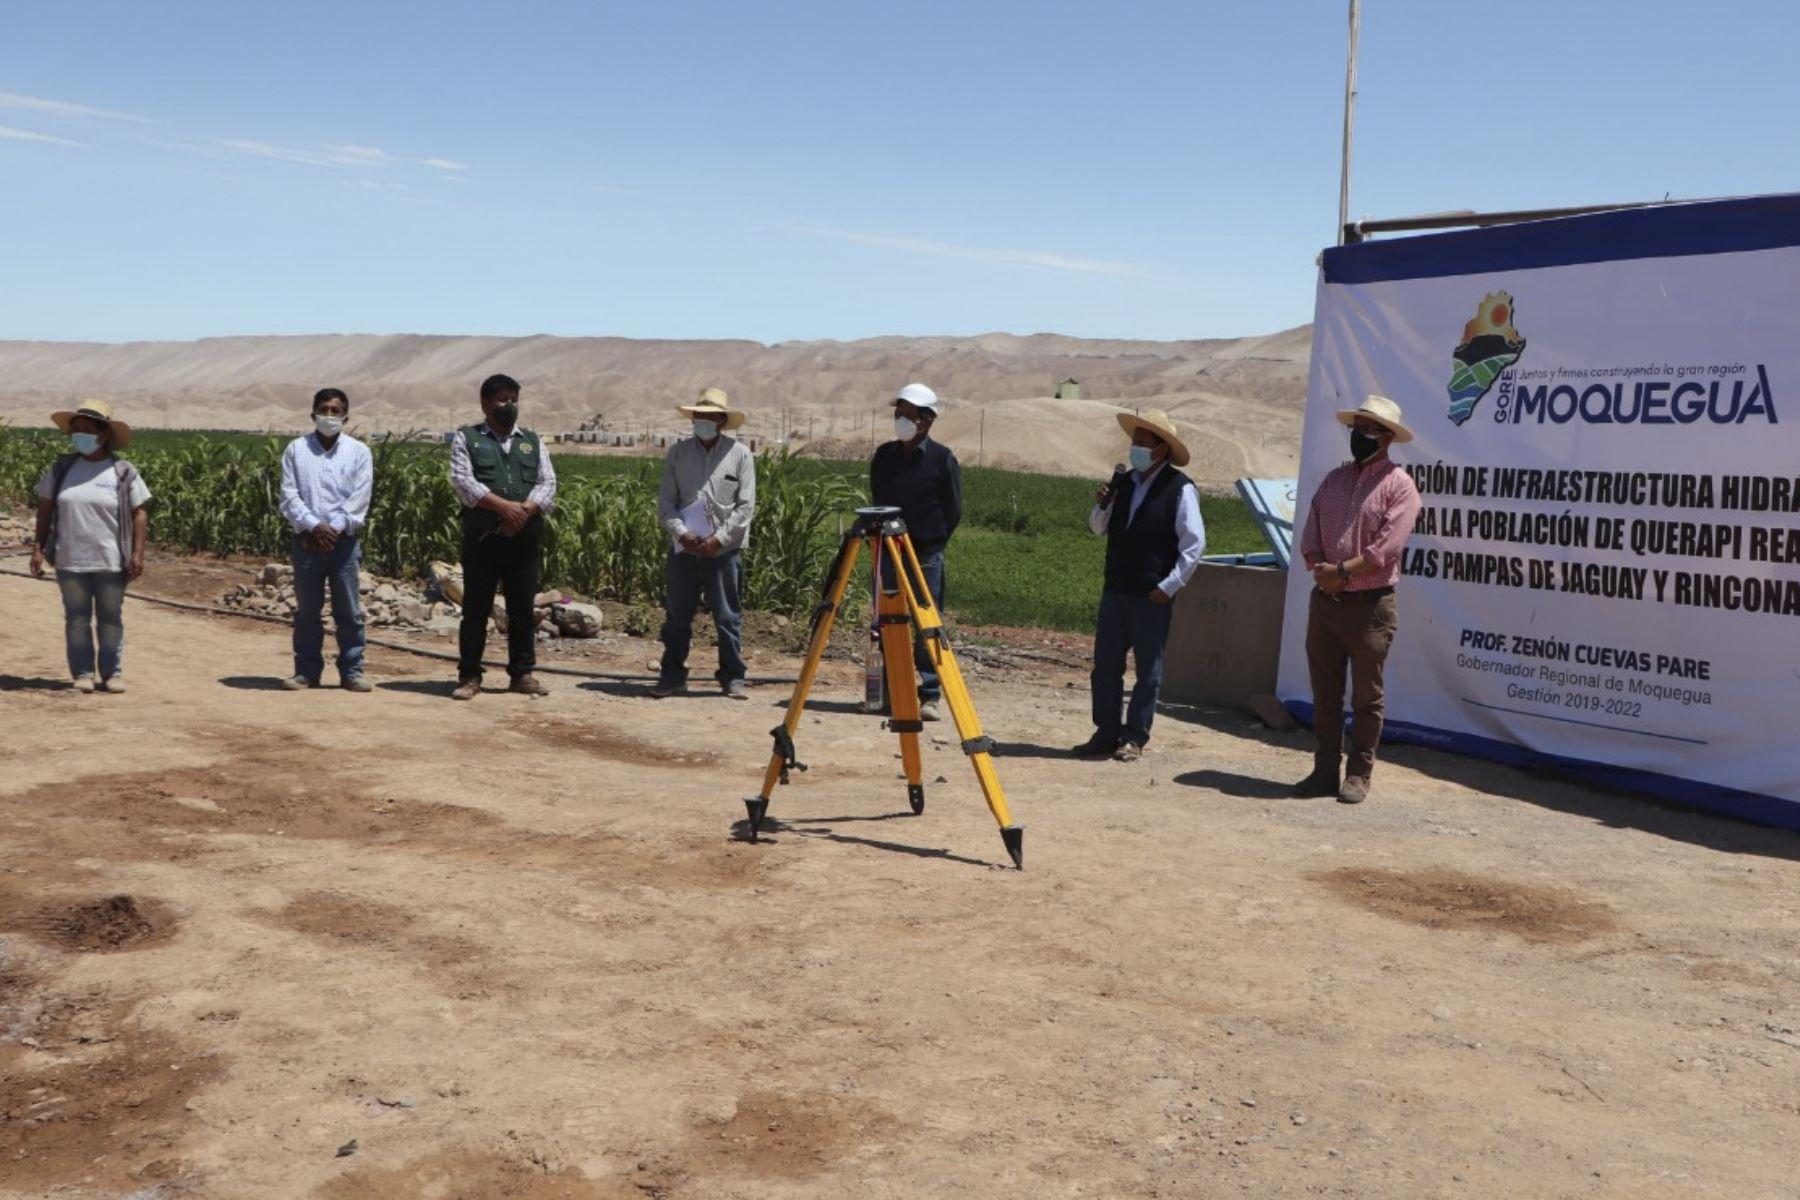 Avanza la reubicación definitiva del anexo de Querapi, ubicado en la región Moquegua. Foto: ANDINA/Difusión